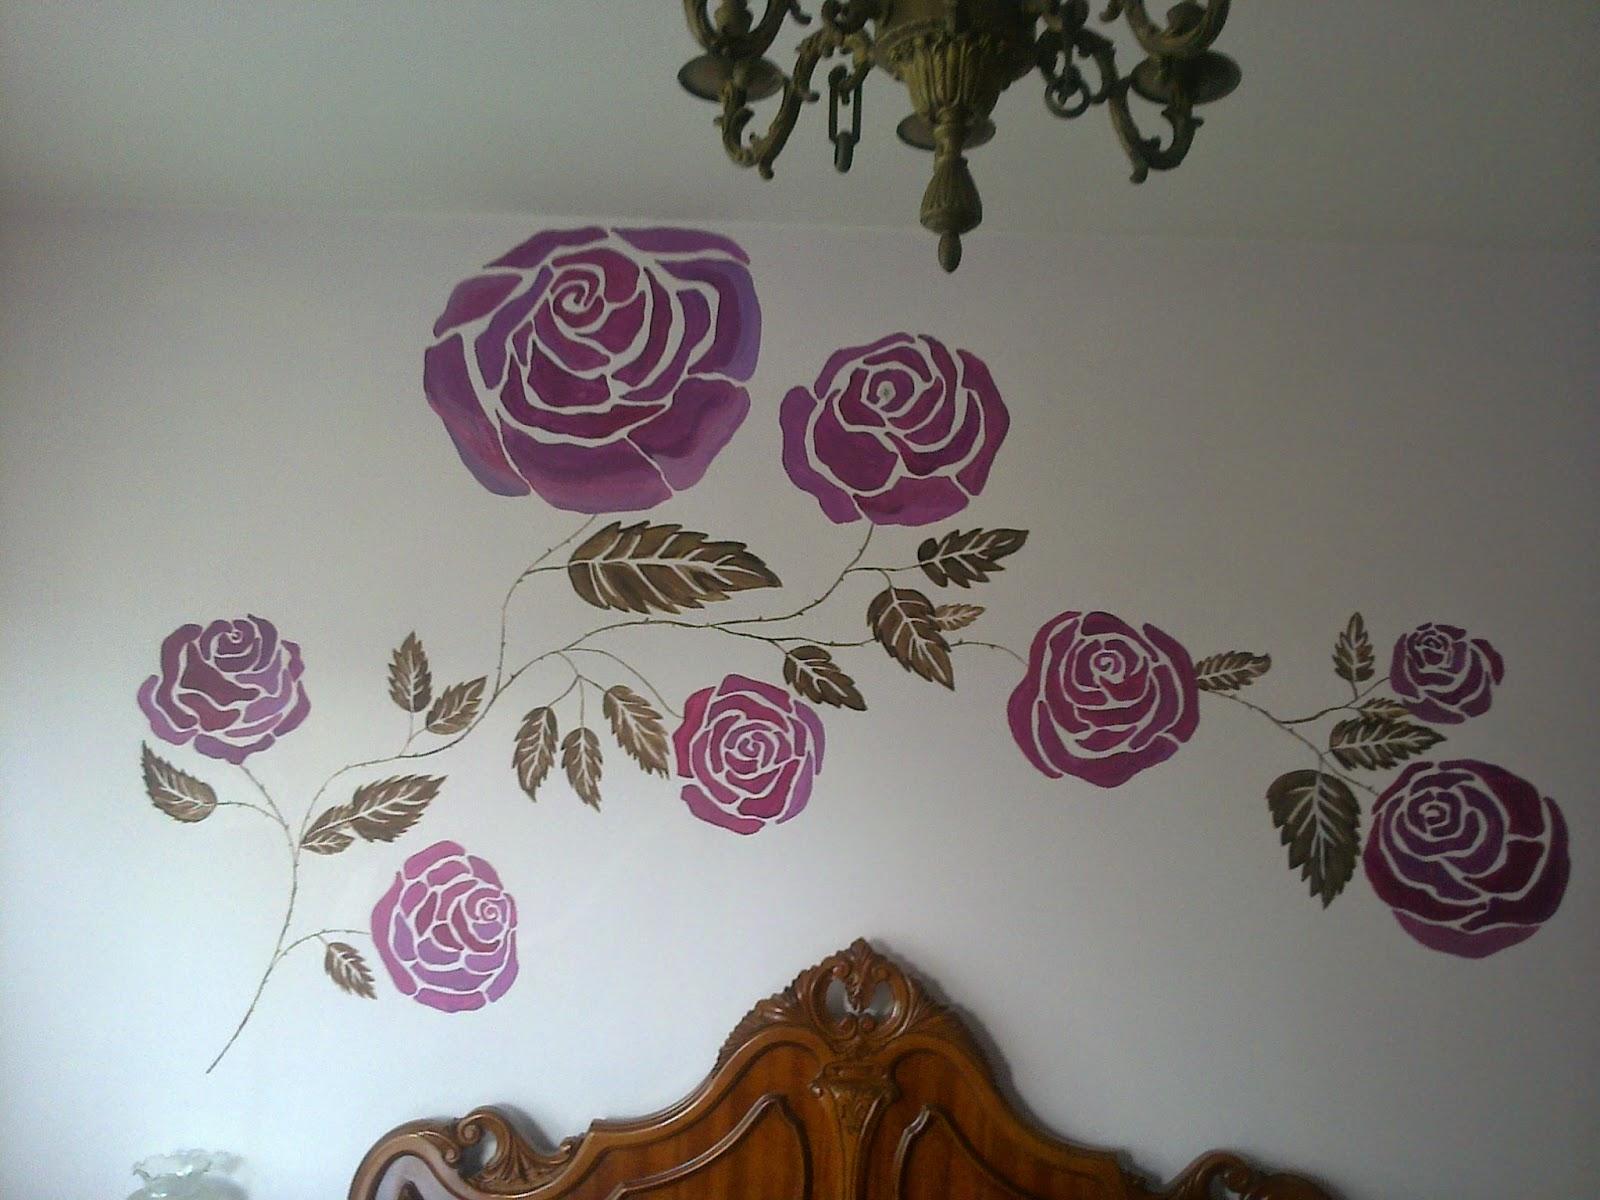 Abpintora murales en pared pintados a mano - Murales pintados a mano ...